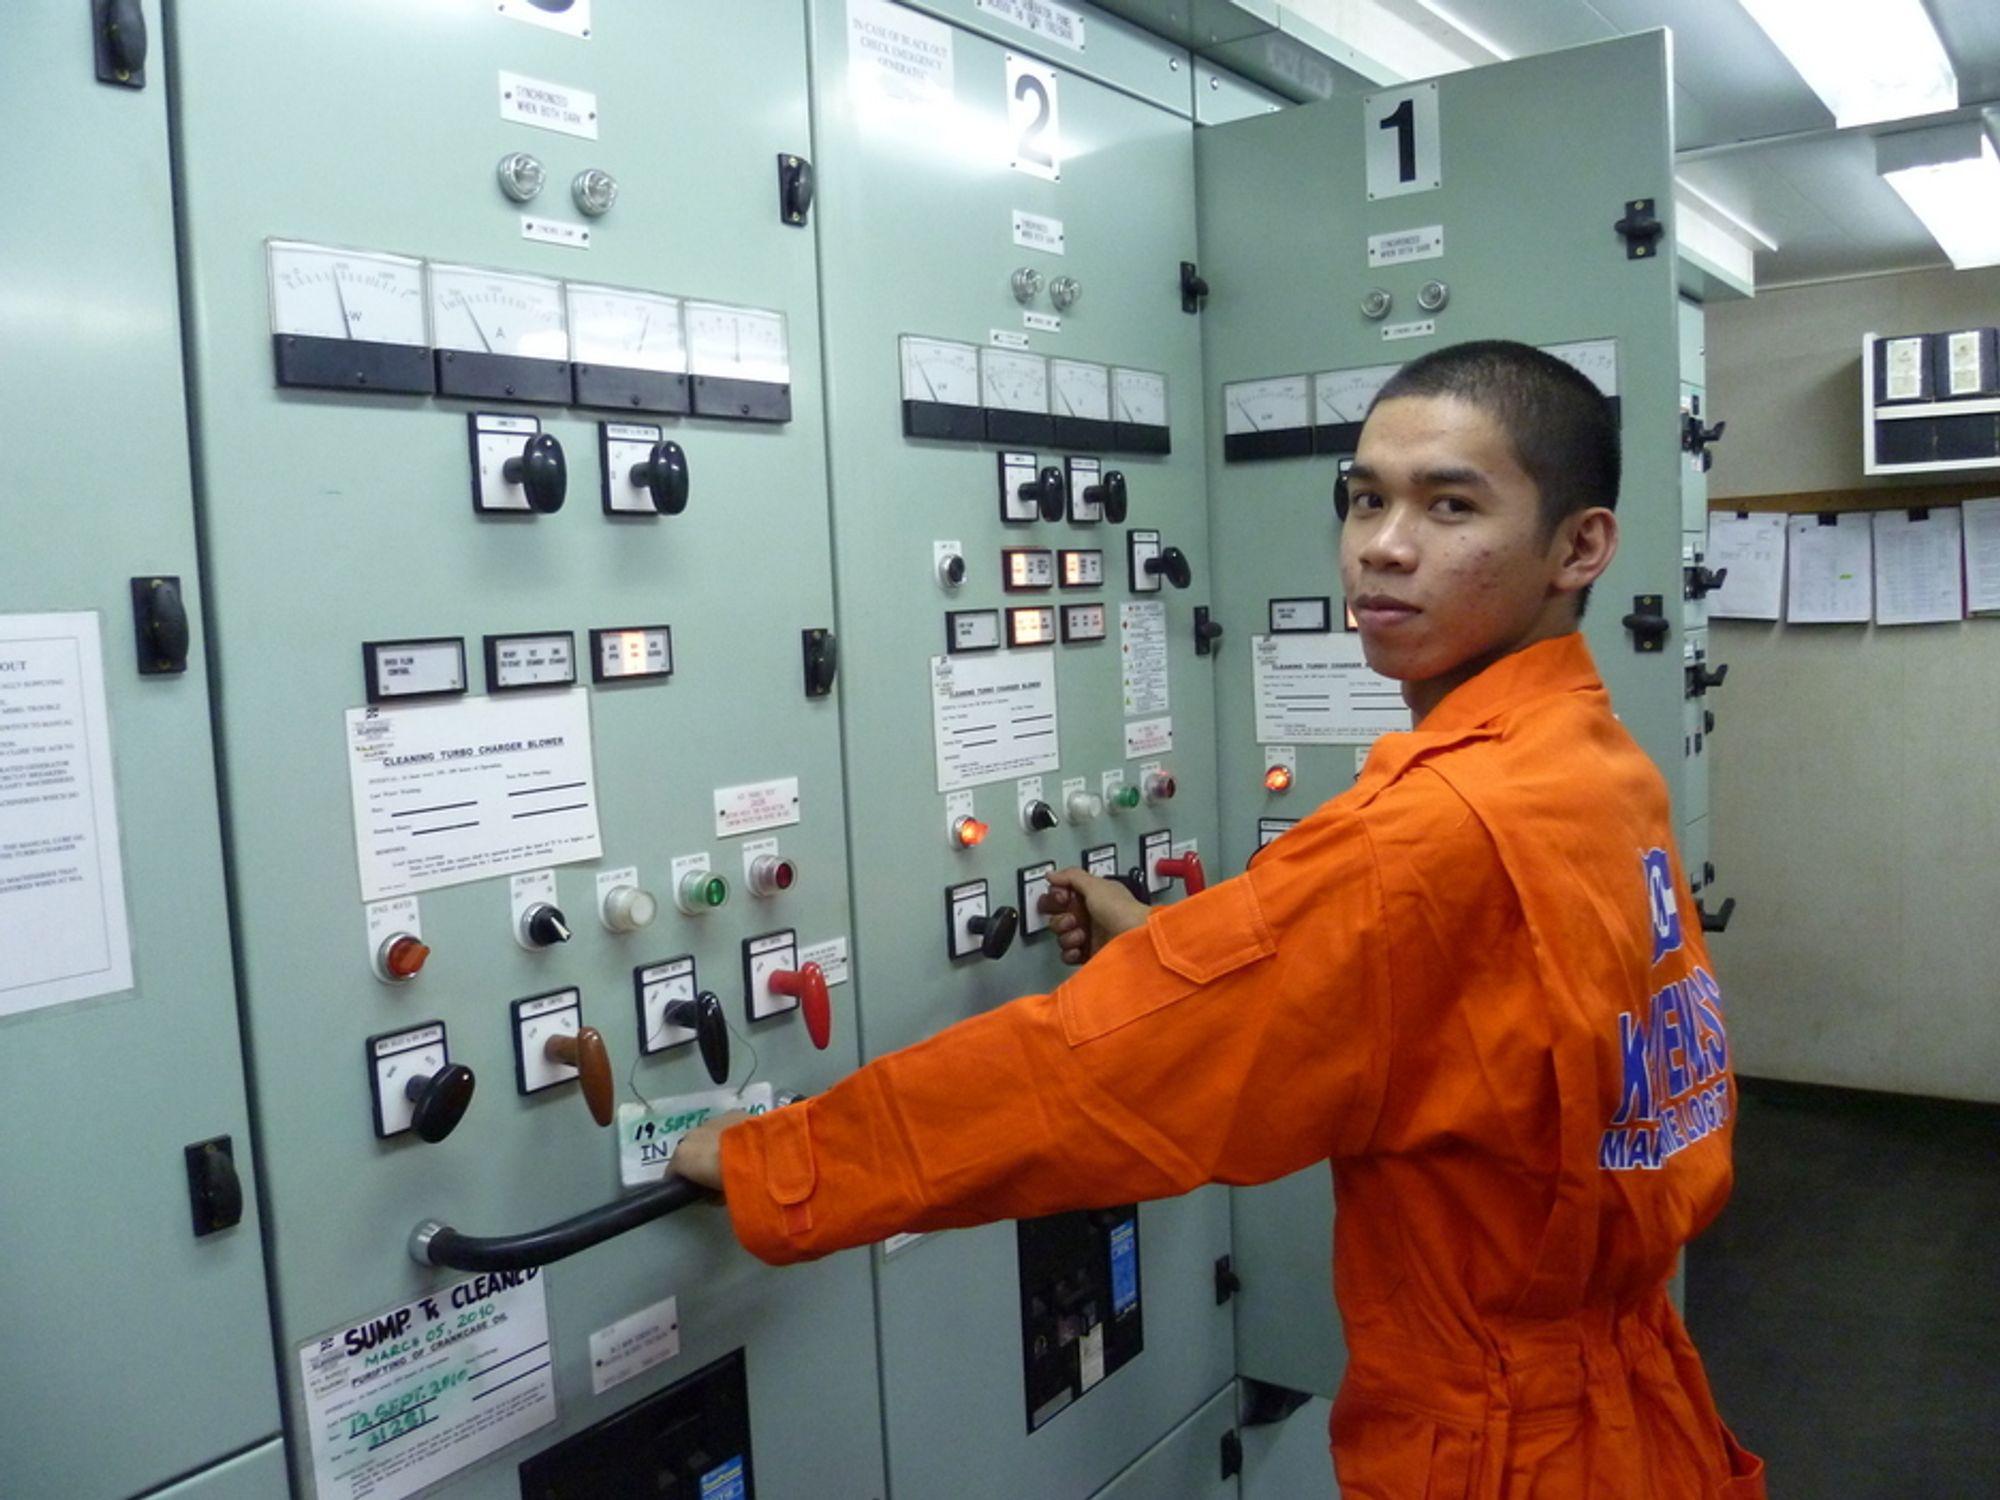 OPPLÆRING: Mannskap som får opplæring om energieffektivisering og miljø blir kreative og kommer emd nyttige innspill. Her om bord på det skipet Klaveness Maritime Logistics har meldt inn som referanseskip i prosjektet.